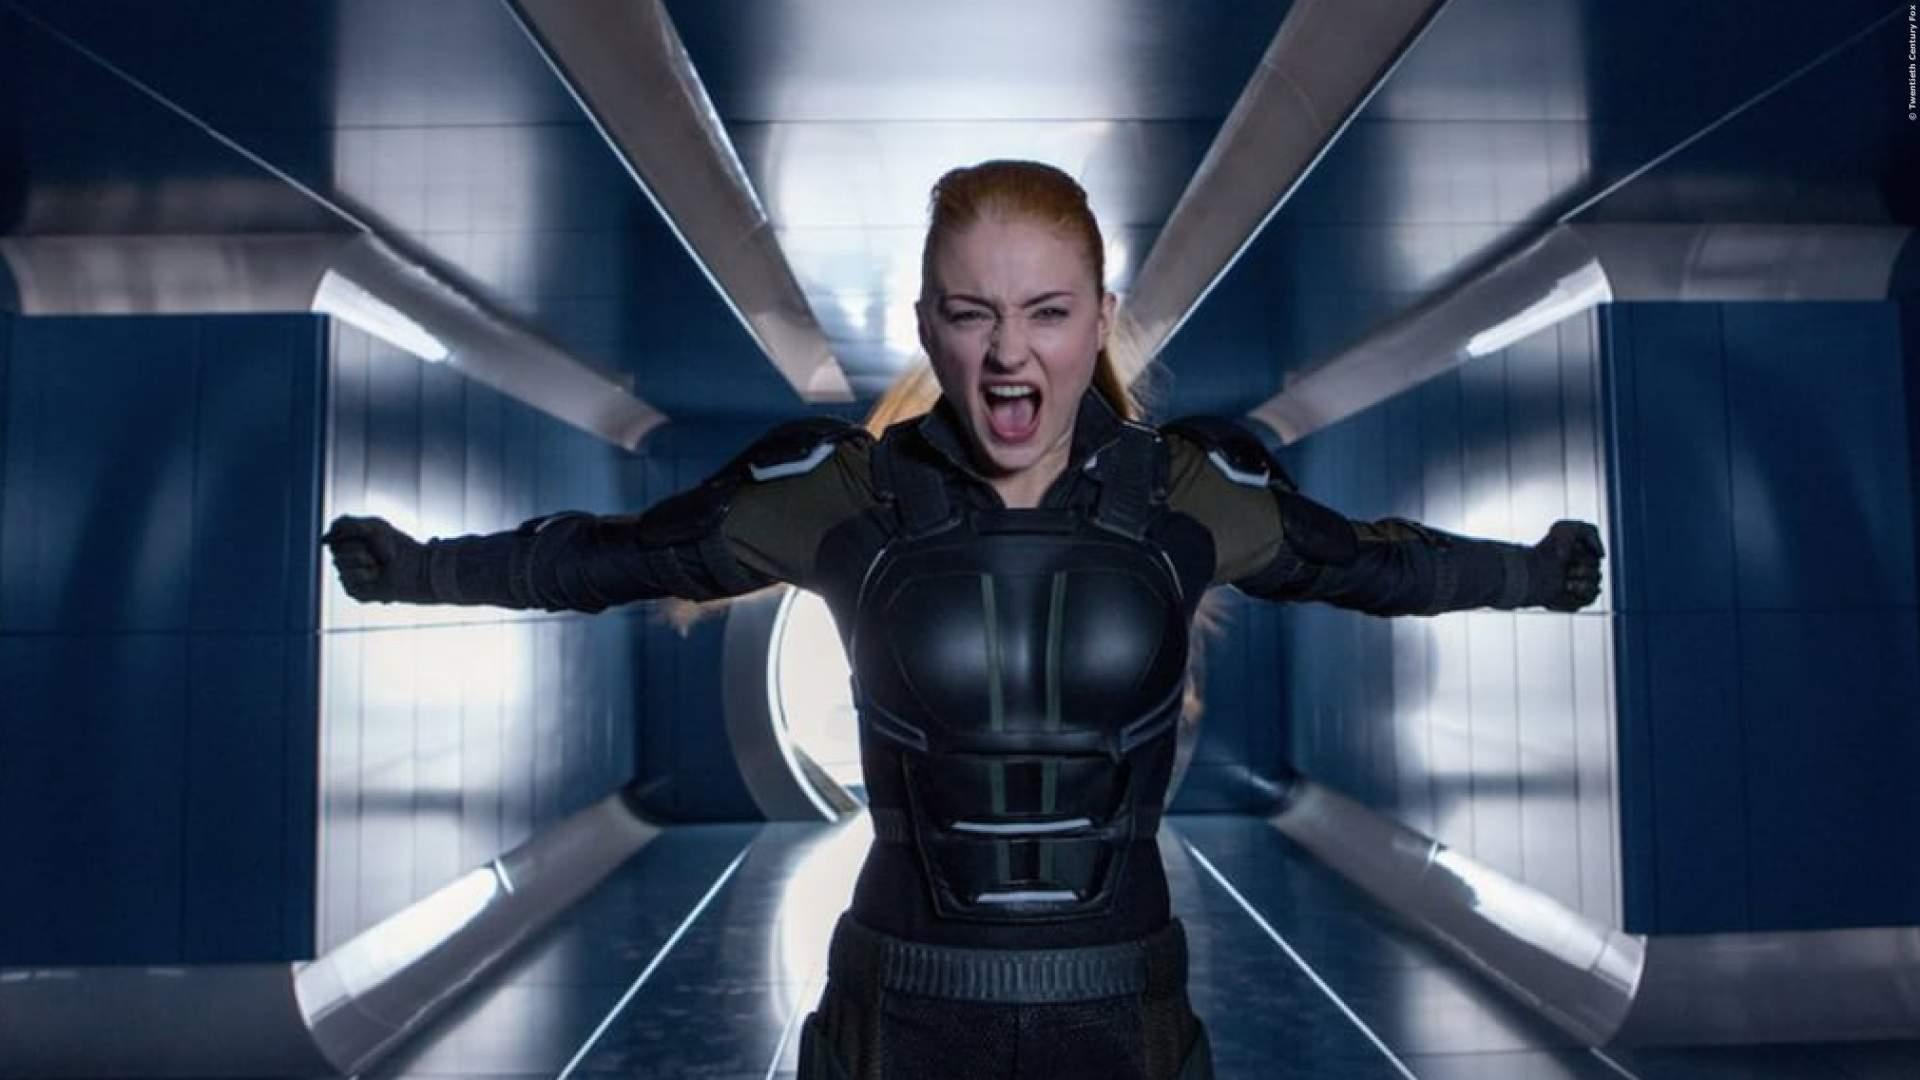 X-MEN FSK: Altersfreigabe zu Marvels 'Dark Phoenix' bekannt gegeben